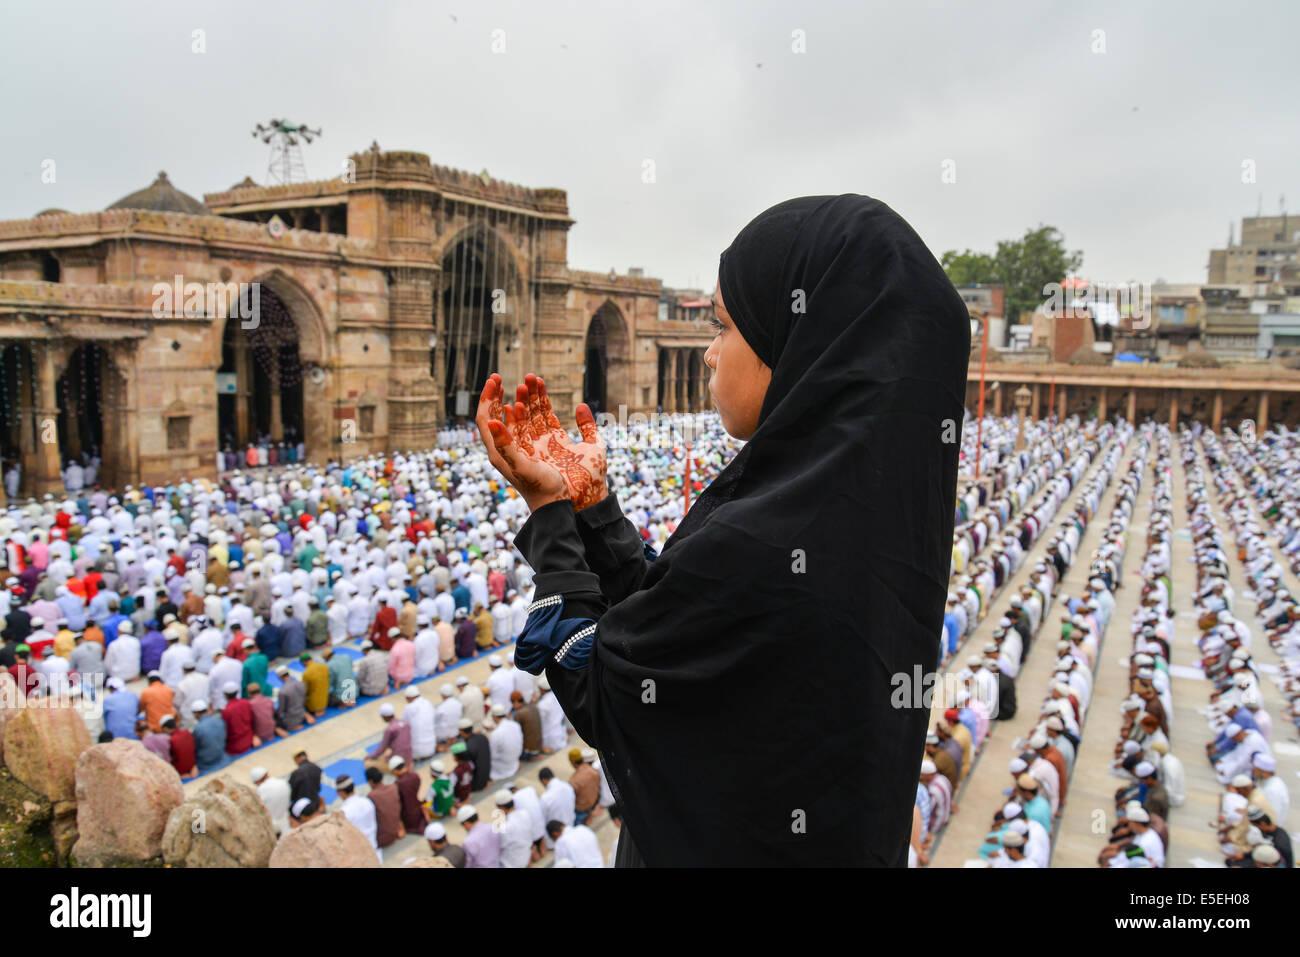 Ahmedabad, Índia. 29 de Julho, 2014. Os muçulmanos celebram o Eid al-Fitr que marca o fim do mês Imagens de Stock